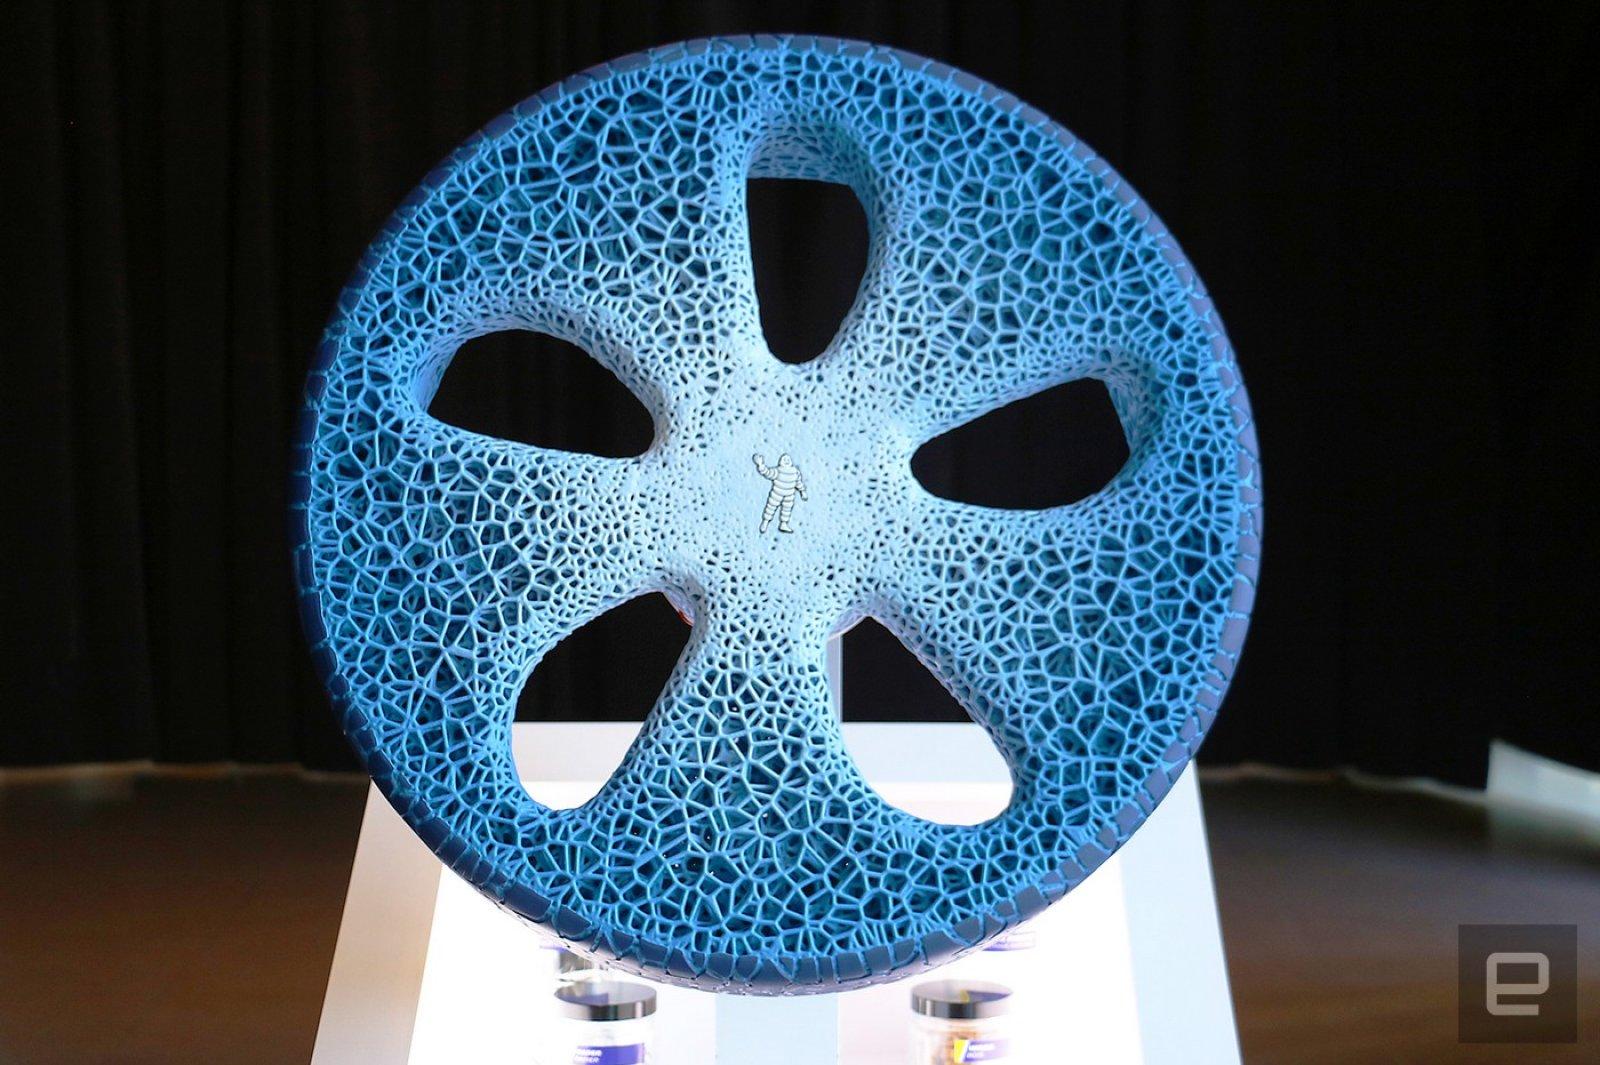 ยางล้อ 3D ของ Michelin จะสะกดคุณให้ตะลึง